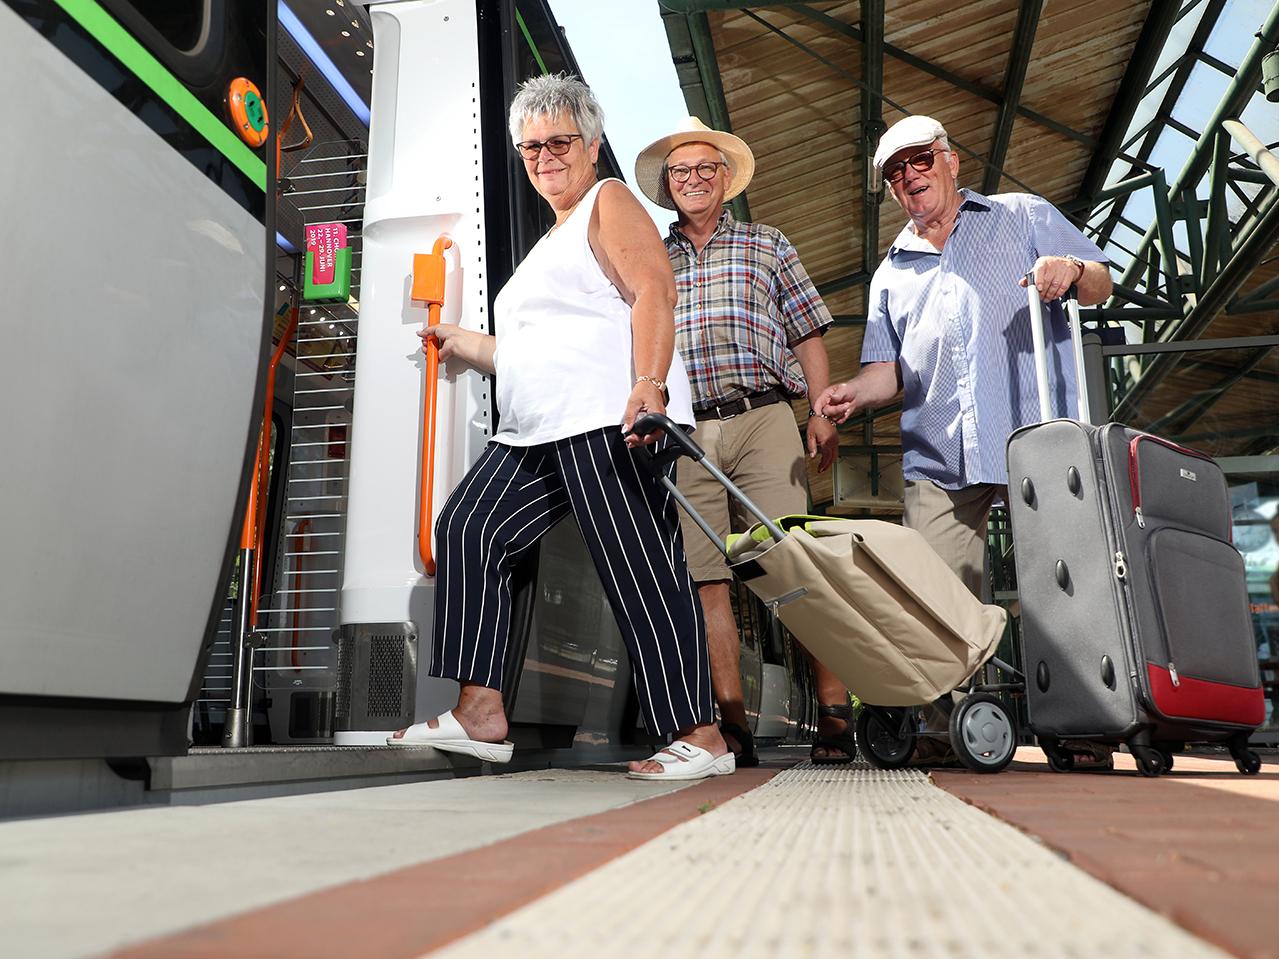 Drei ältere Menschen steigen in eine Stadtbahn ein